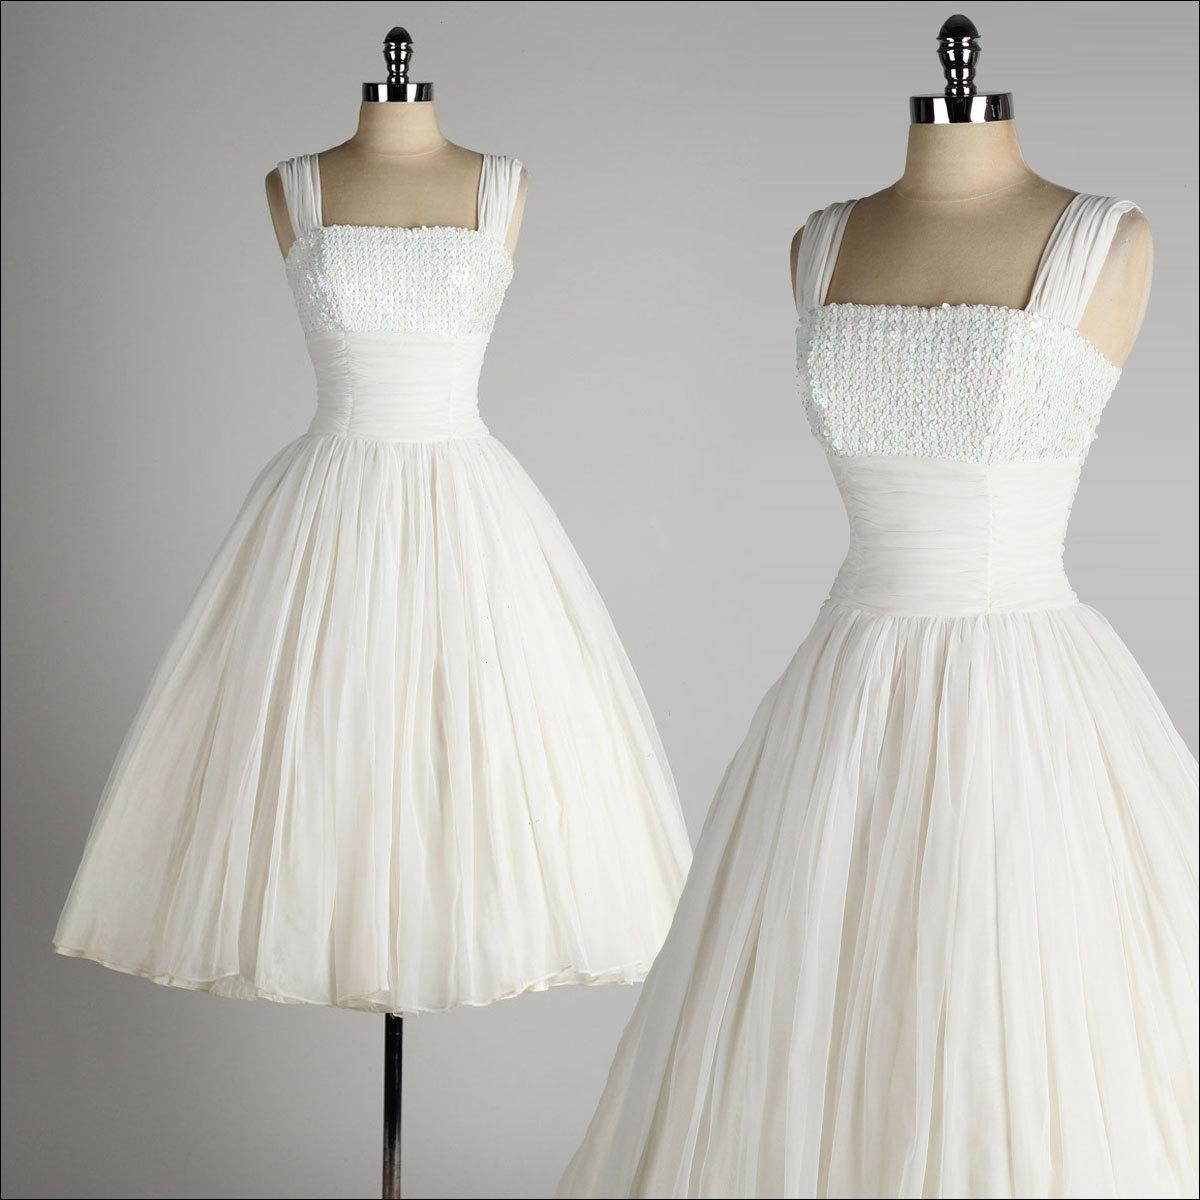 Vintage Wedding Dresses Michigan: Robe Courte Vintage De Fiançailles à Col Carré Brodée De